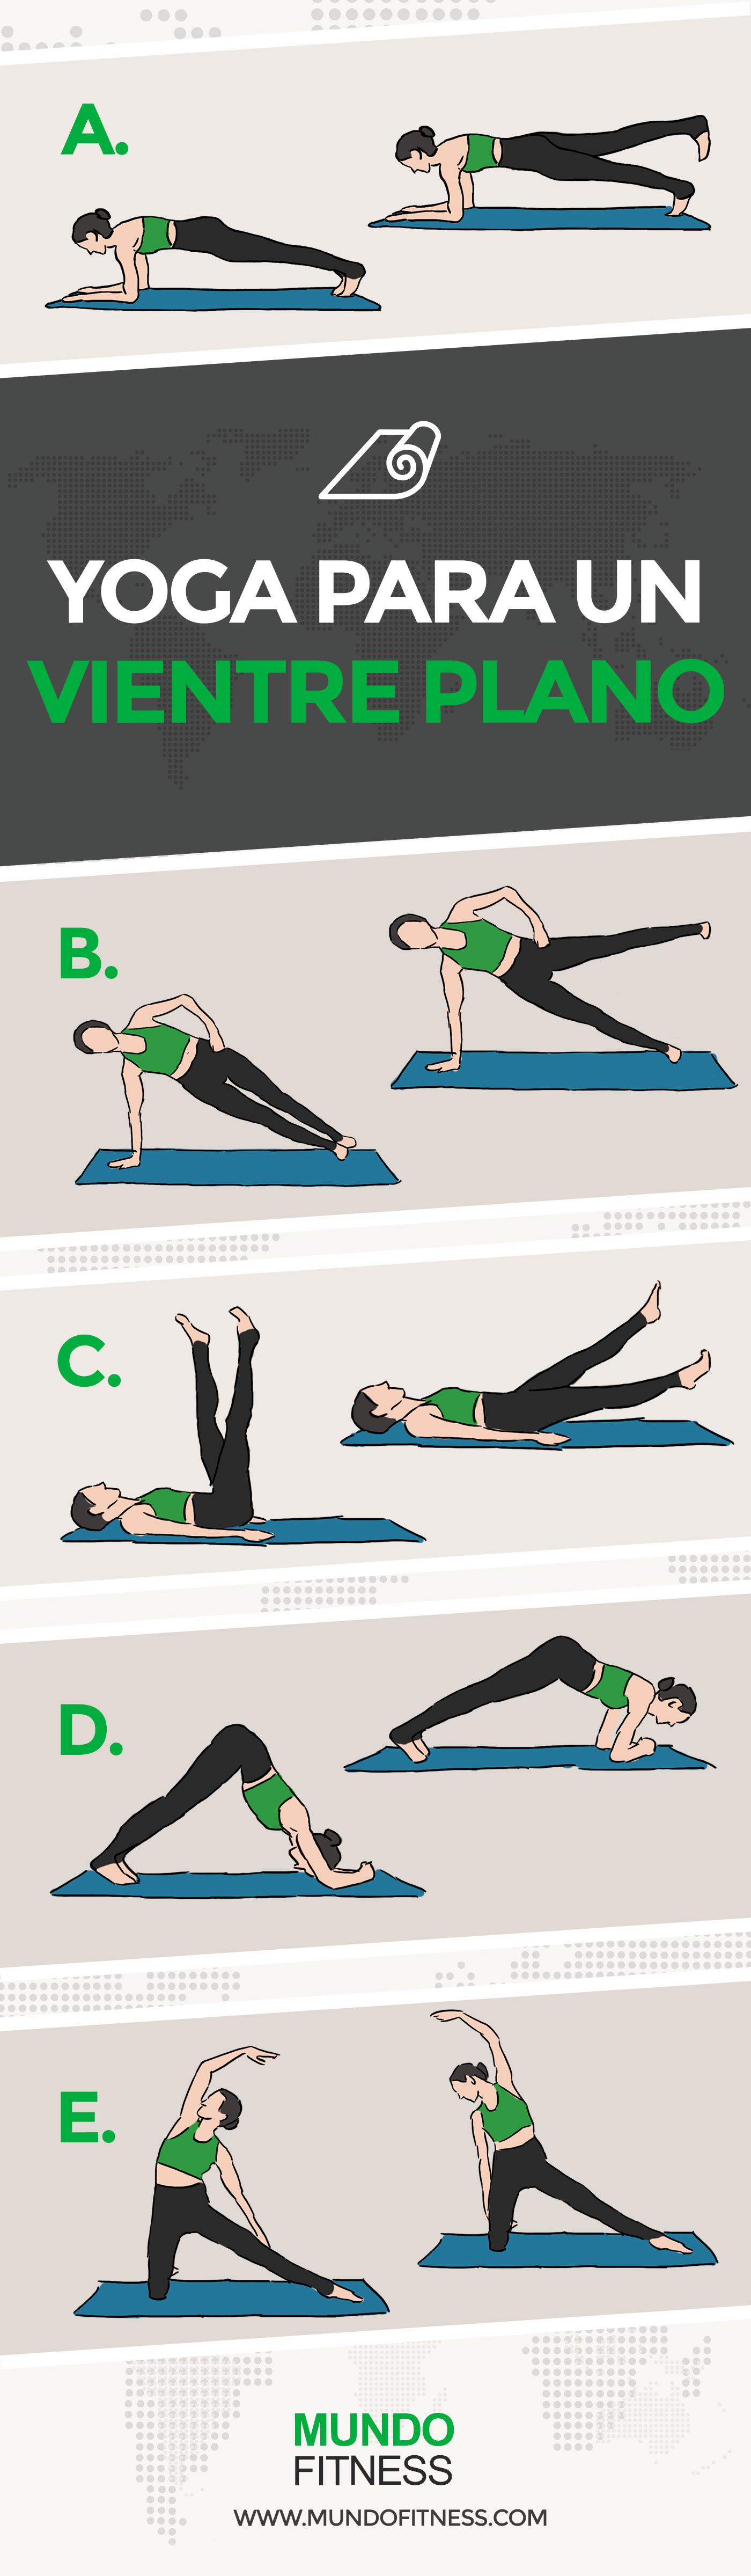 ejercicios de yoa